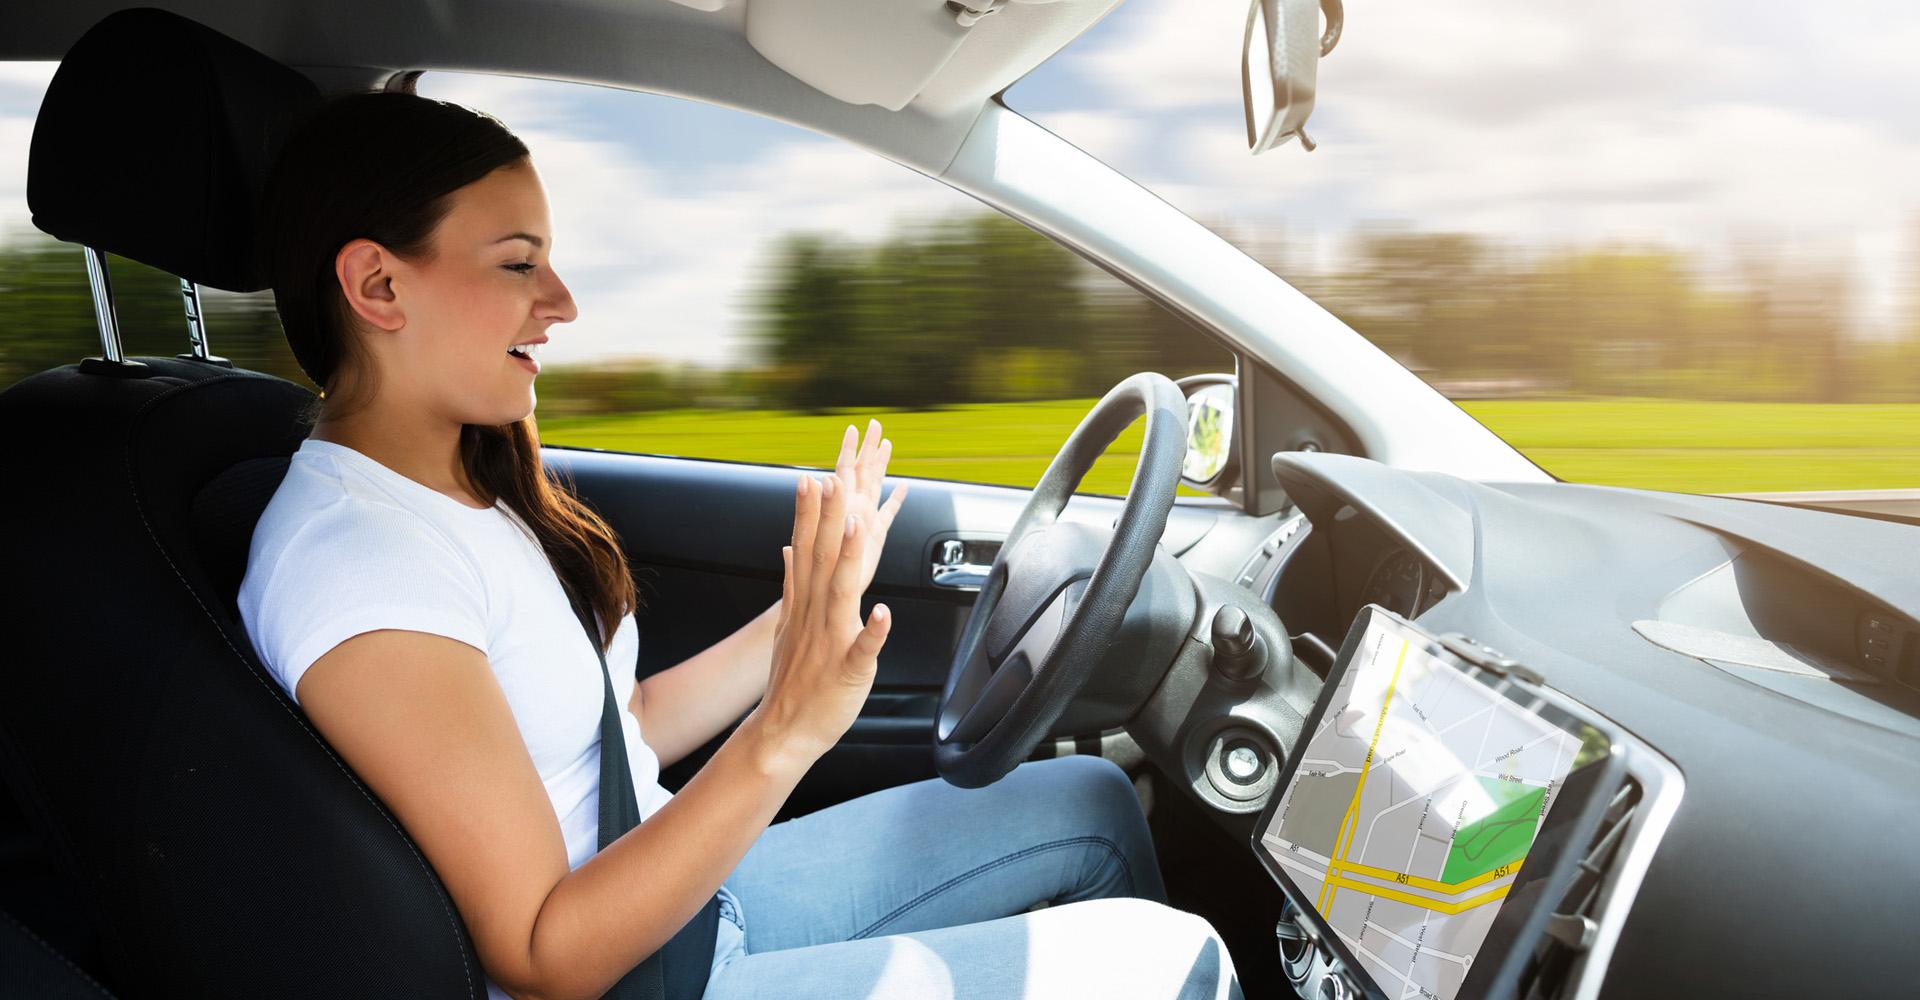 Auto fährt autonom ohne Hilfe der Fahrerin